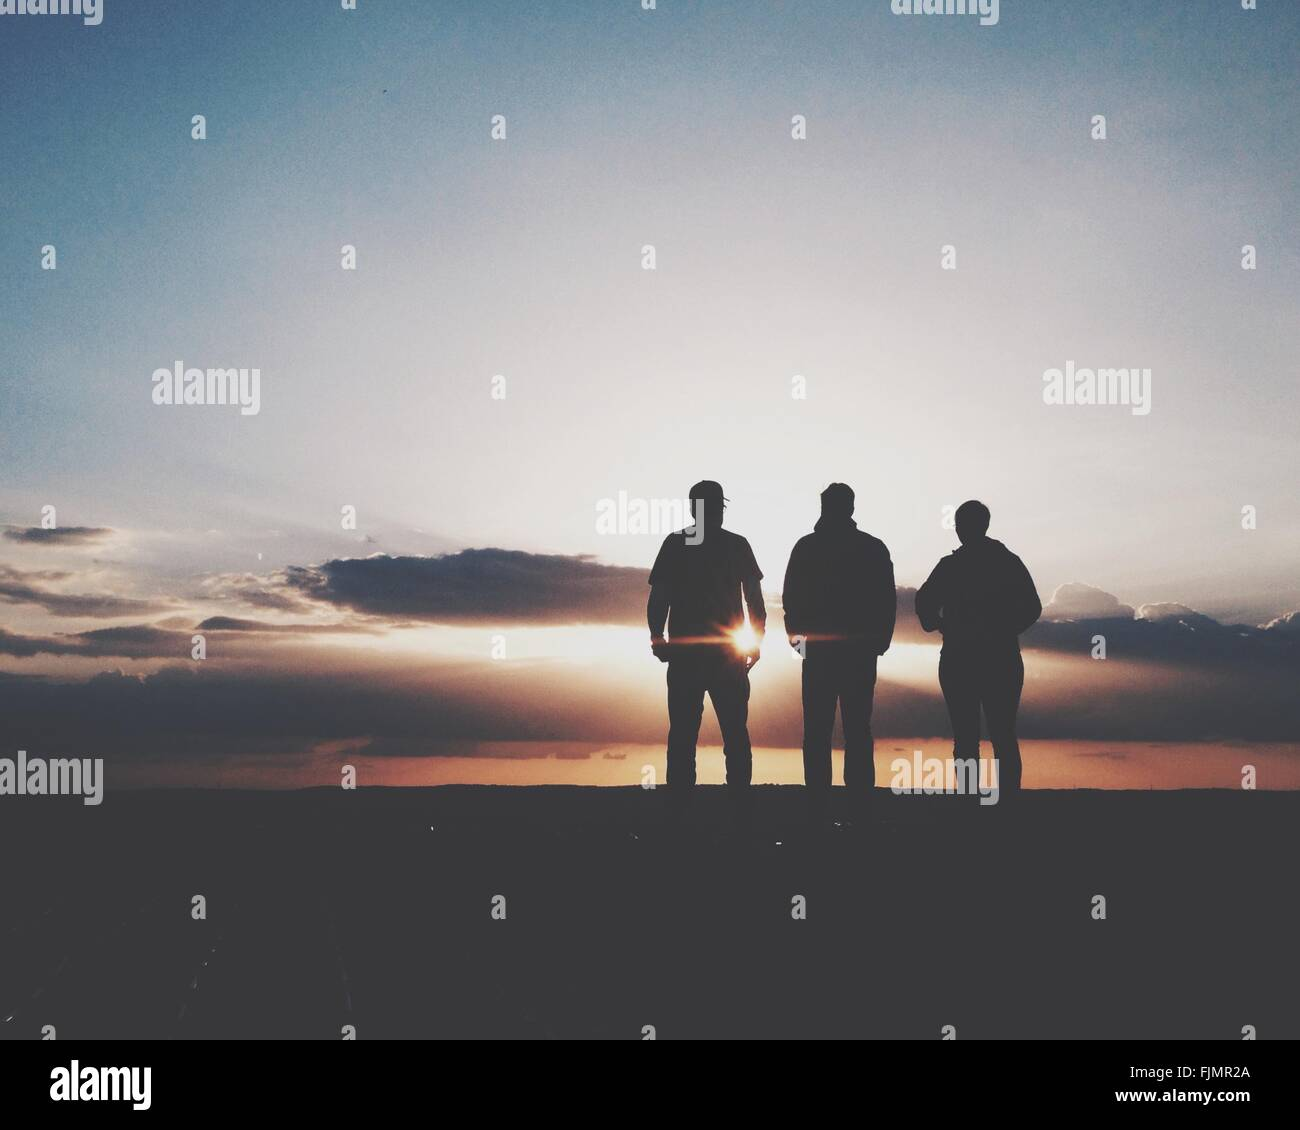 Silueta de tres personas de pie al atardecer Imagen De Stock